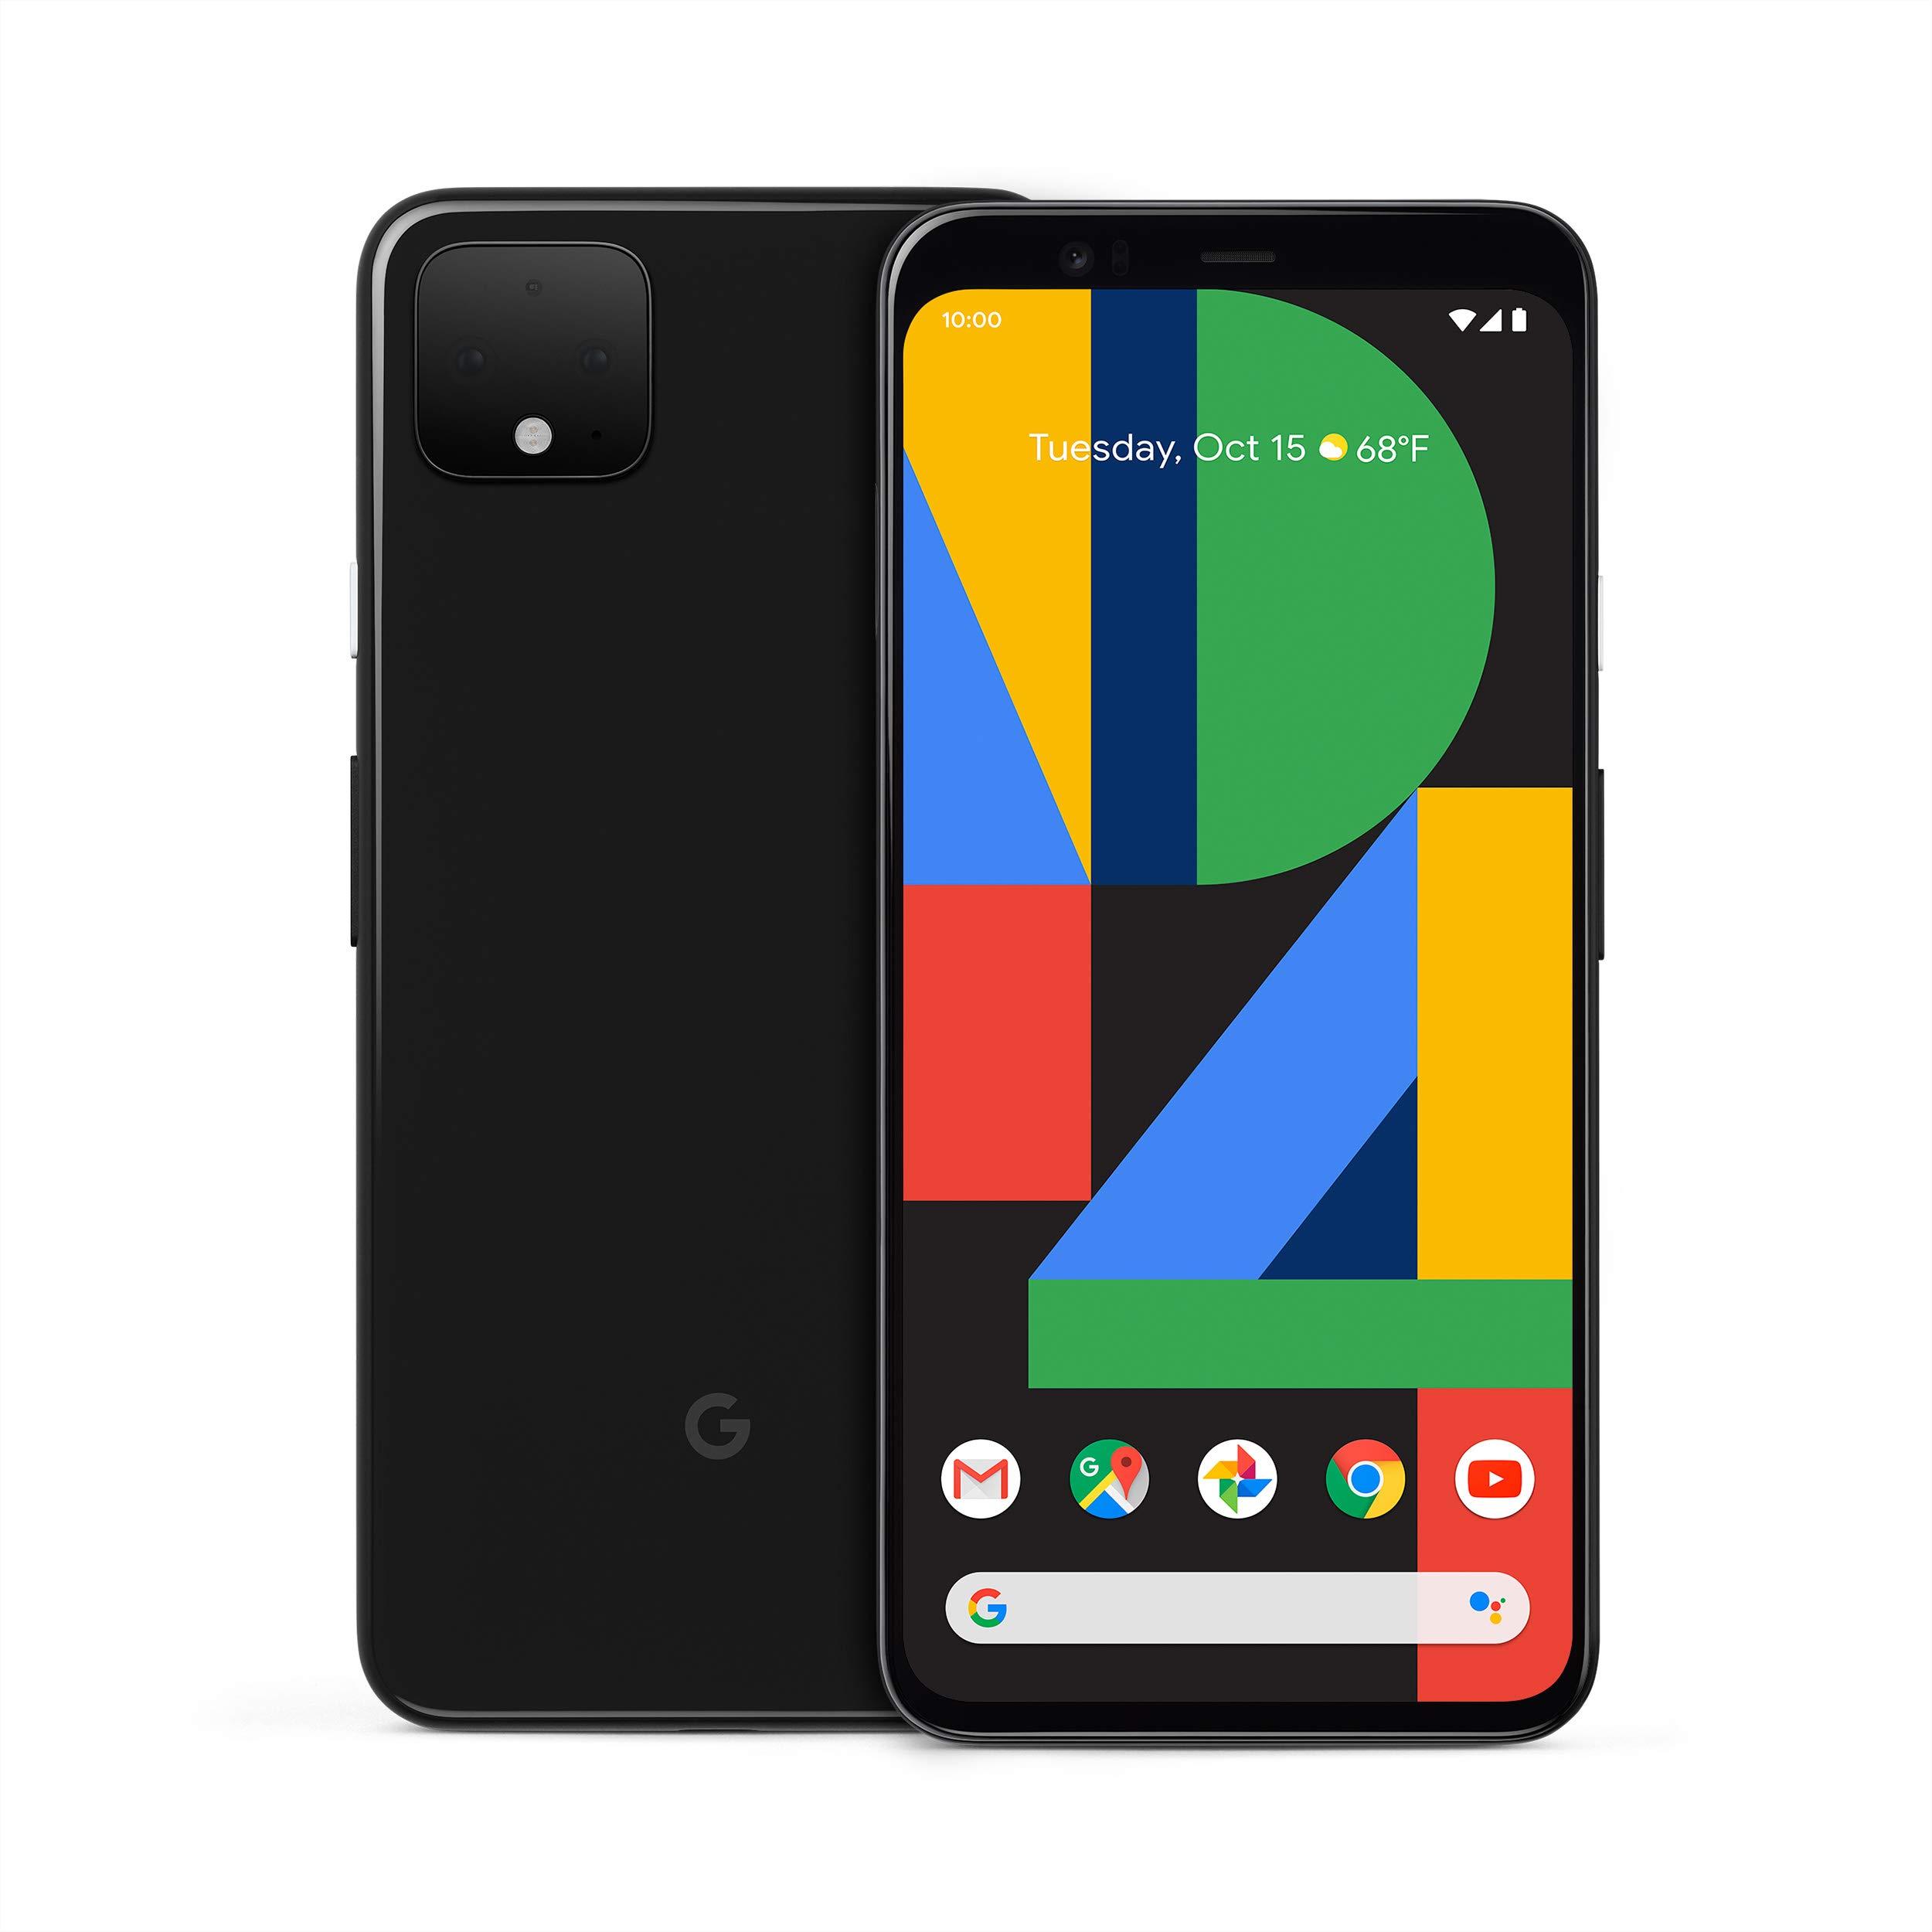 Google Pixel 4 XL - Just Black - 64GB - Desbloqueado